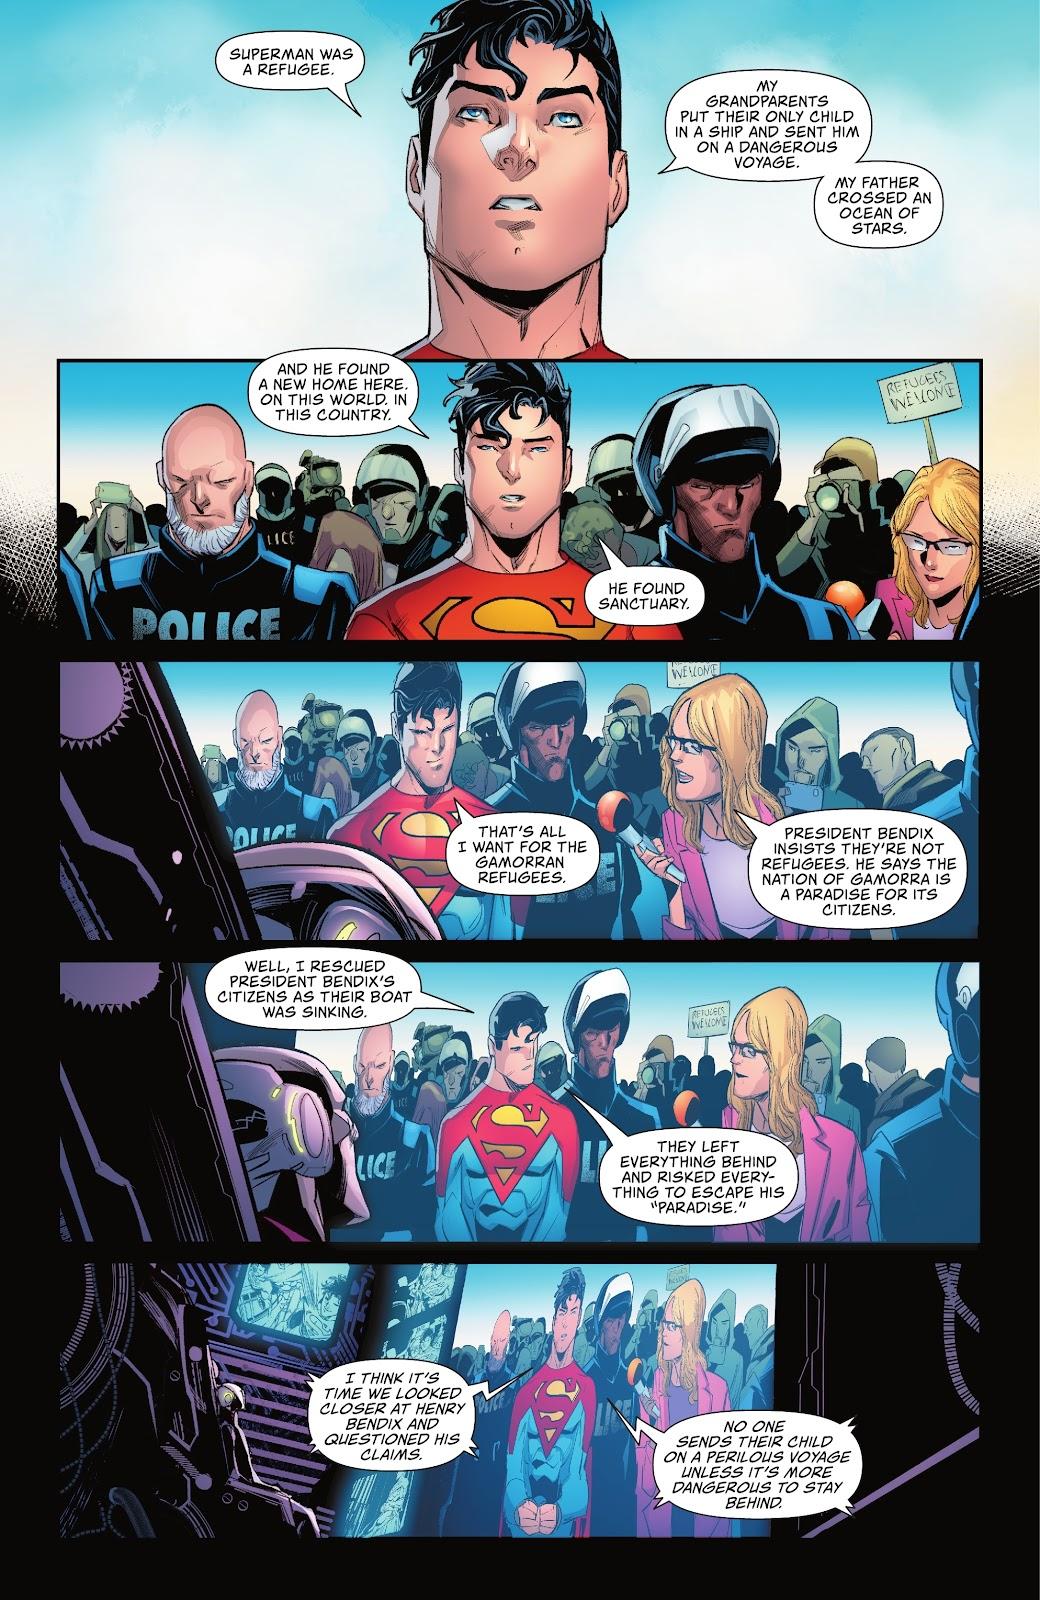 Superman Gets Arrested For Protesting